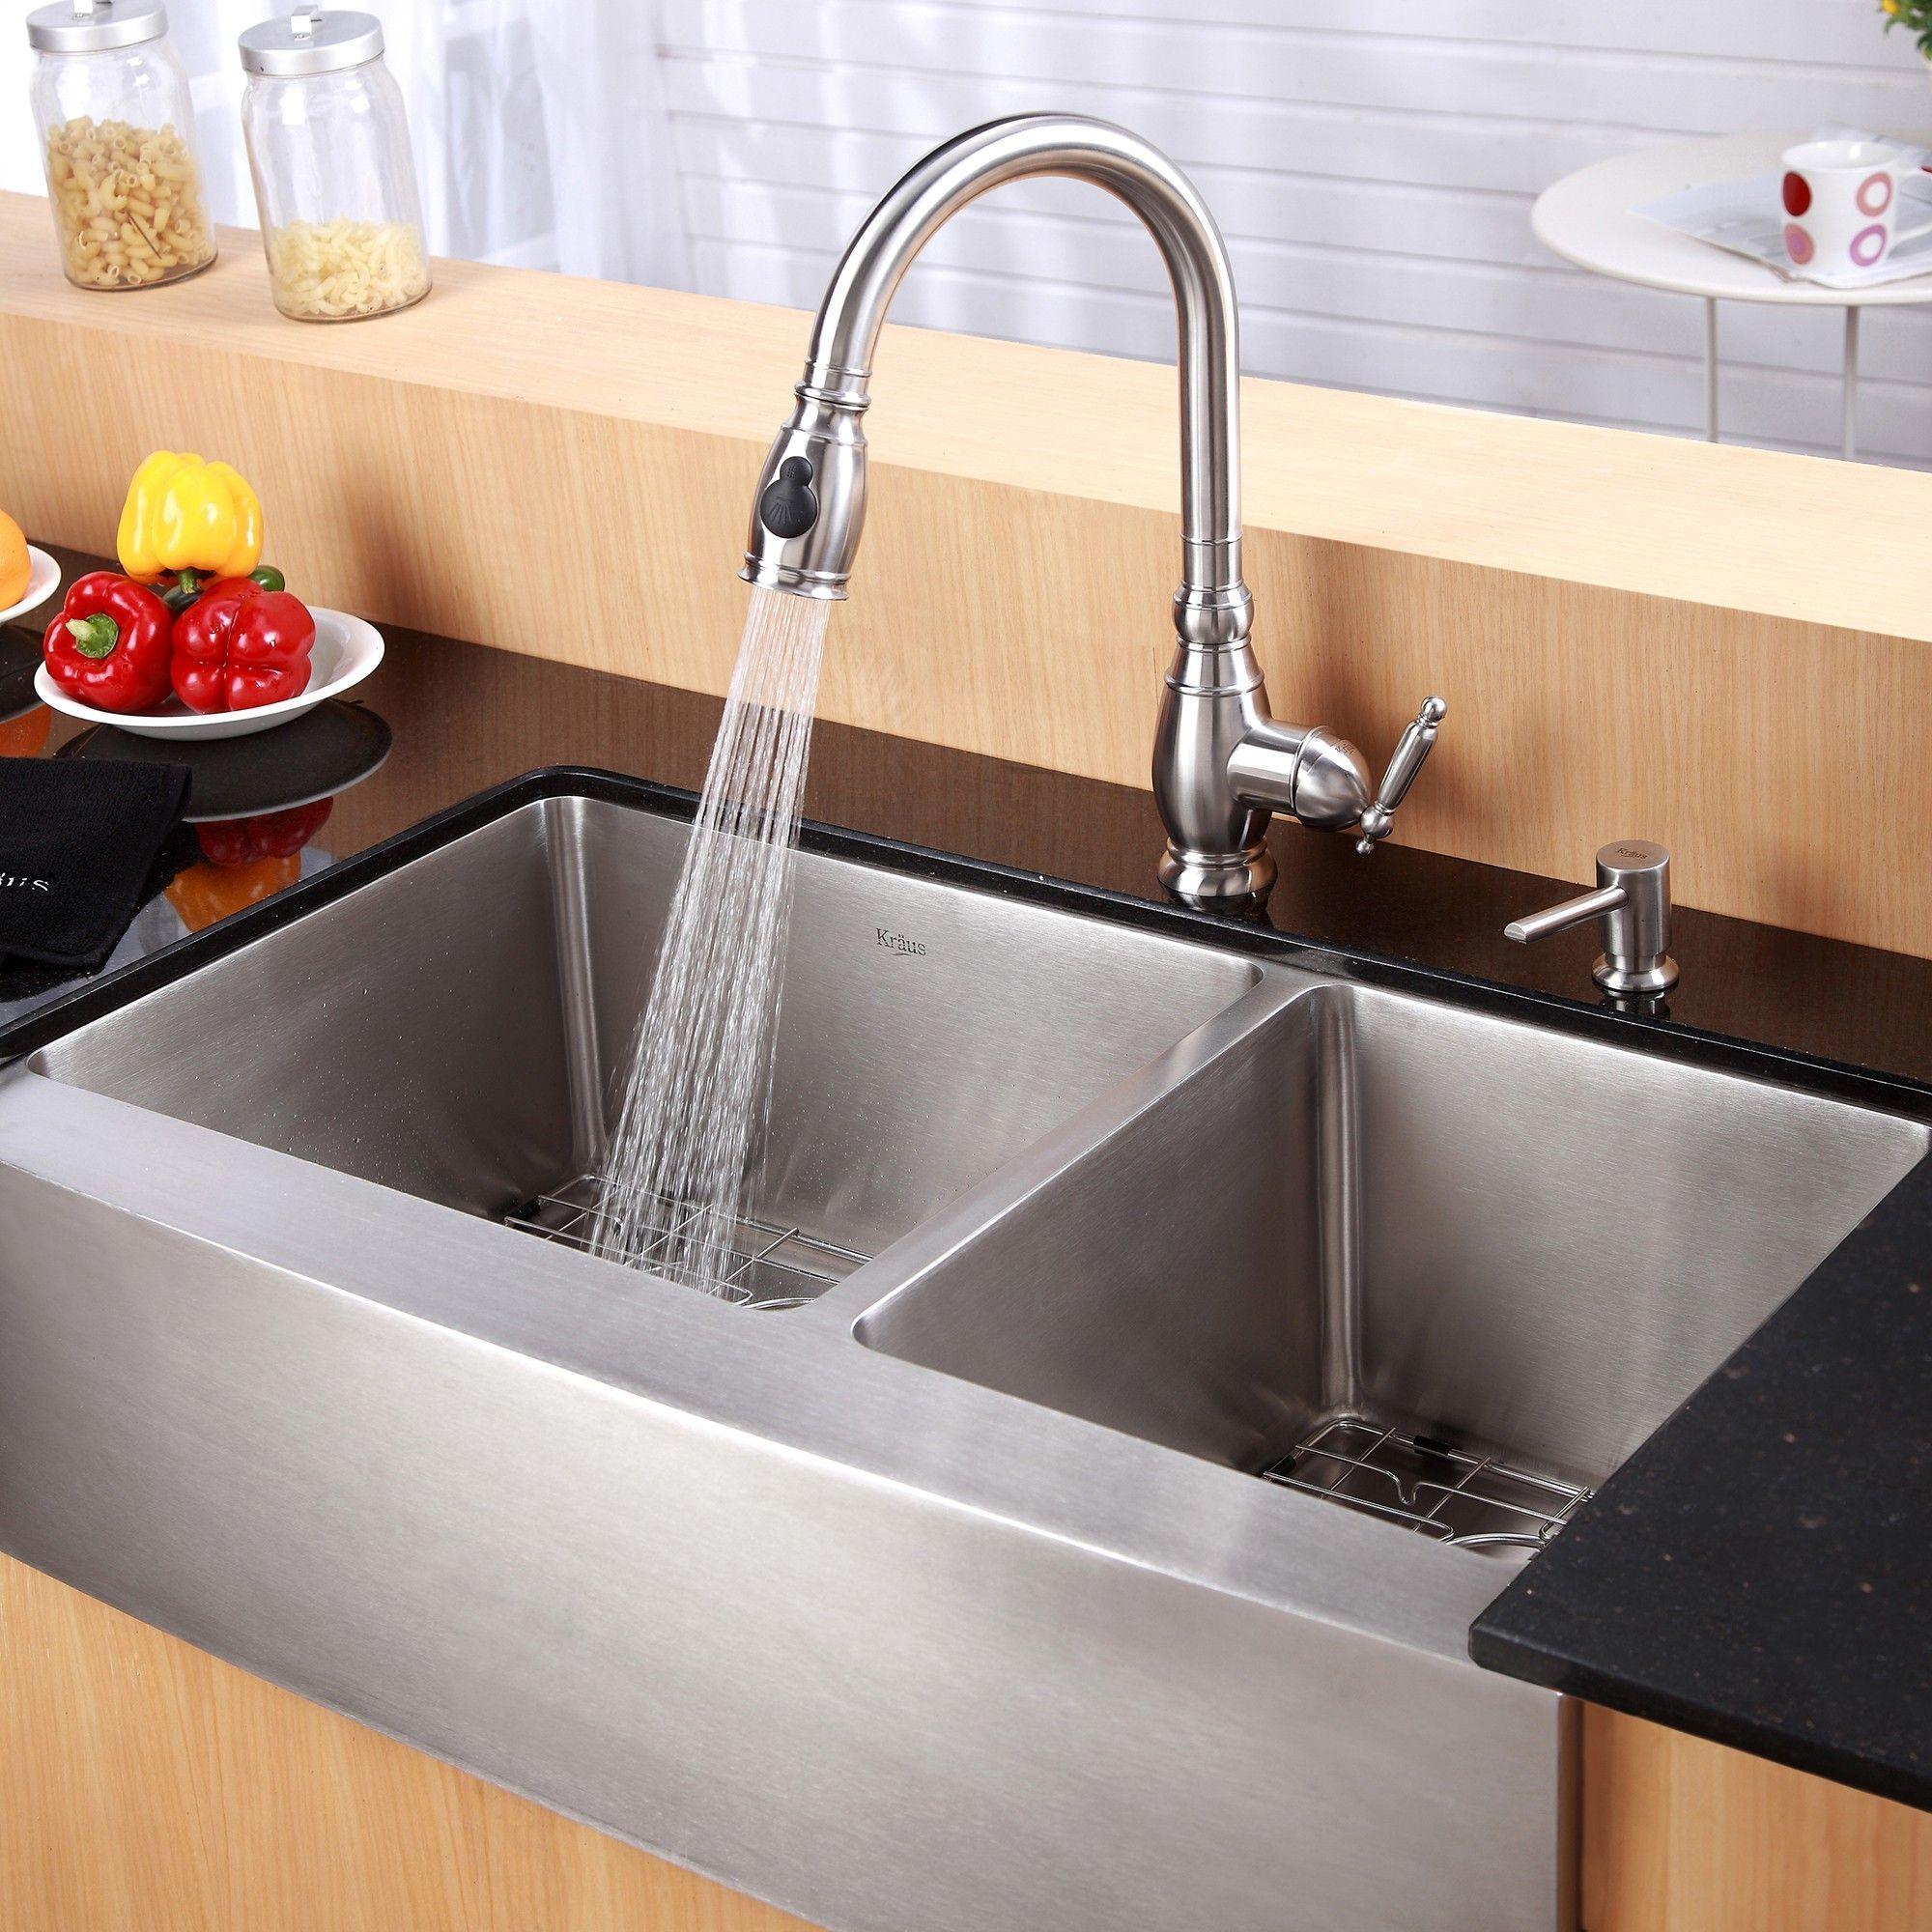 Weiss Quarz Spule Kuche Spule Materialien Acryl Spulbecken